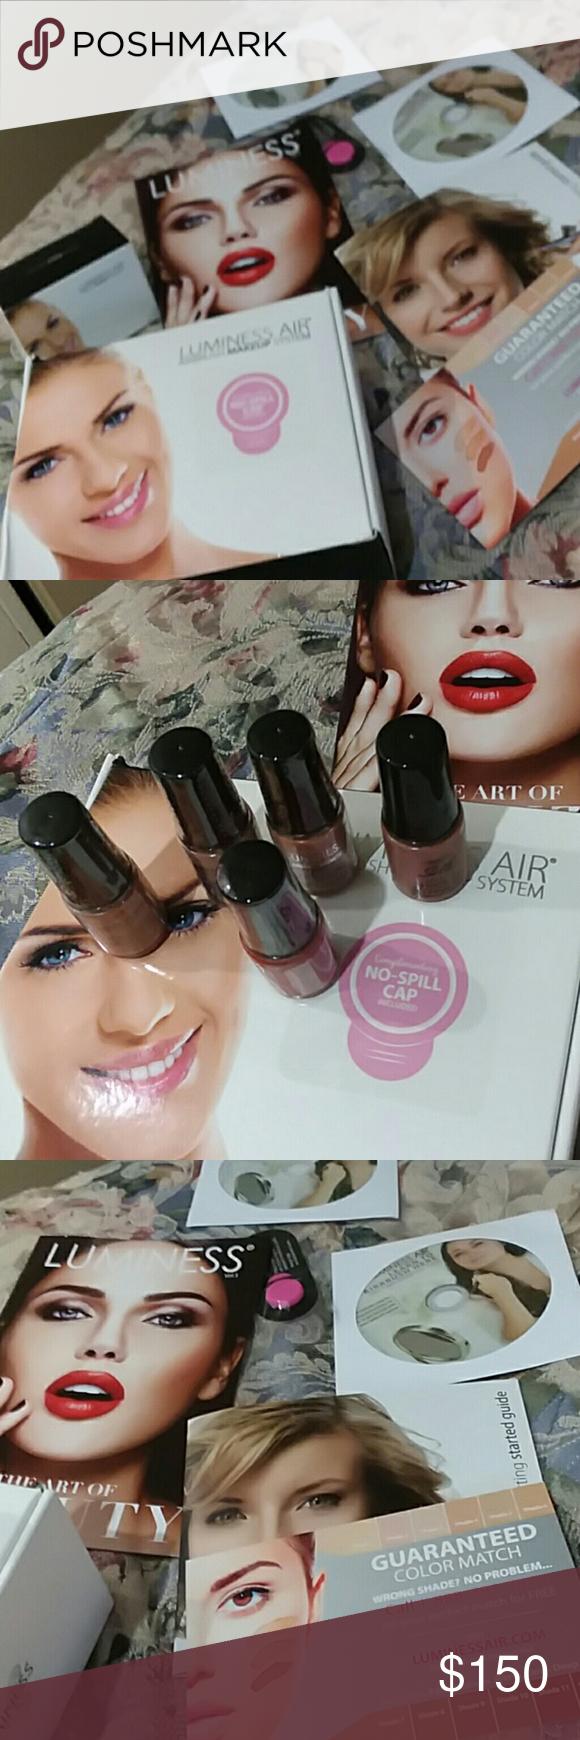 Luminess air makeup system NWT Luminess air makeup